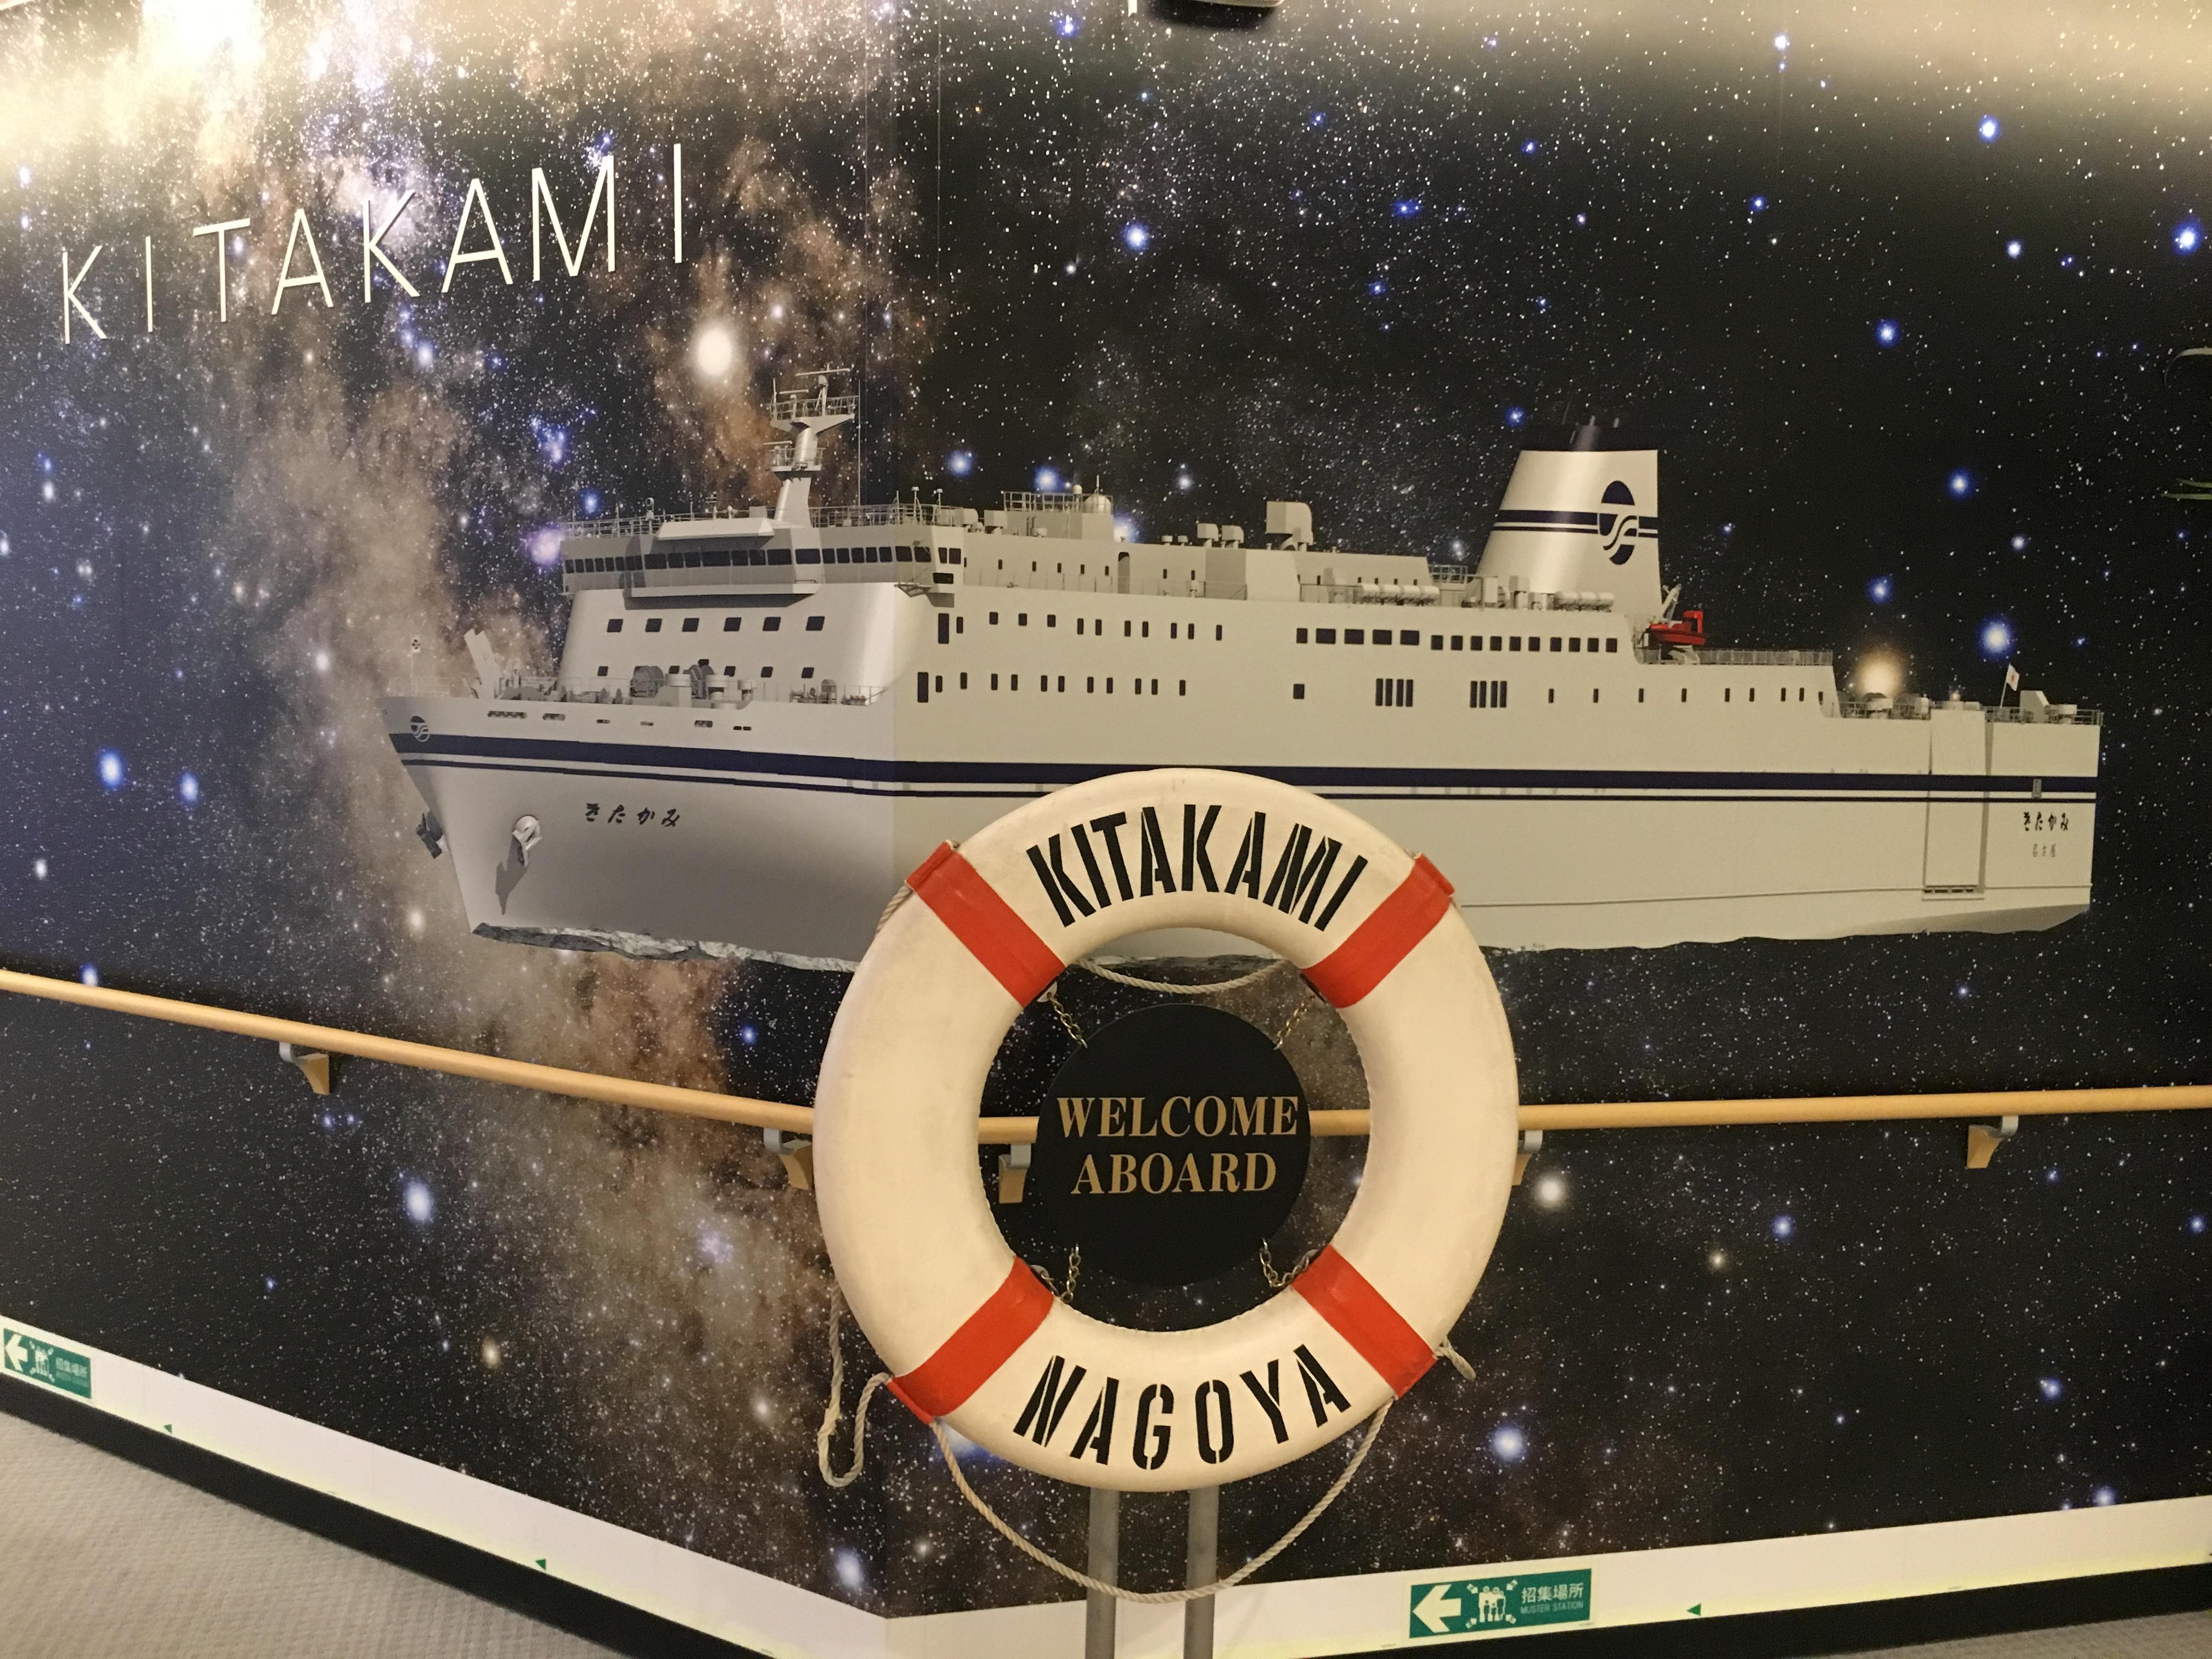 新造船ニュー『きたかみ』で北海道に行ってきました!